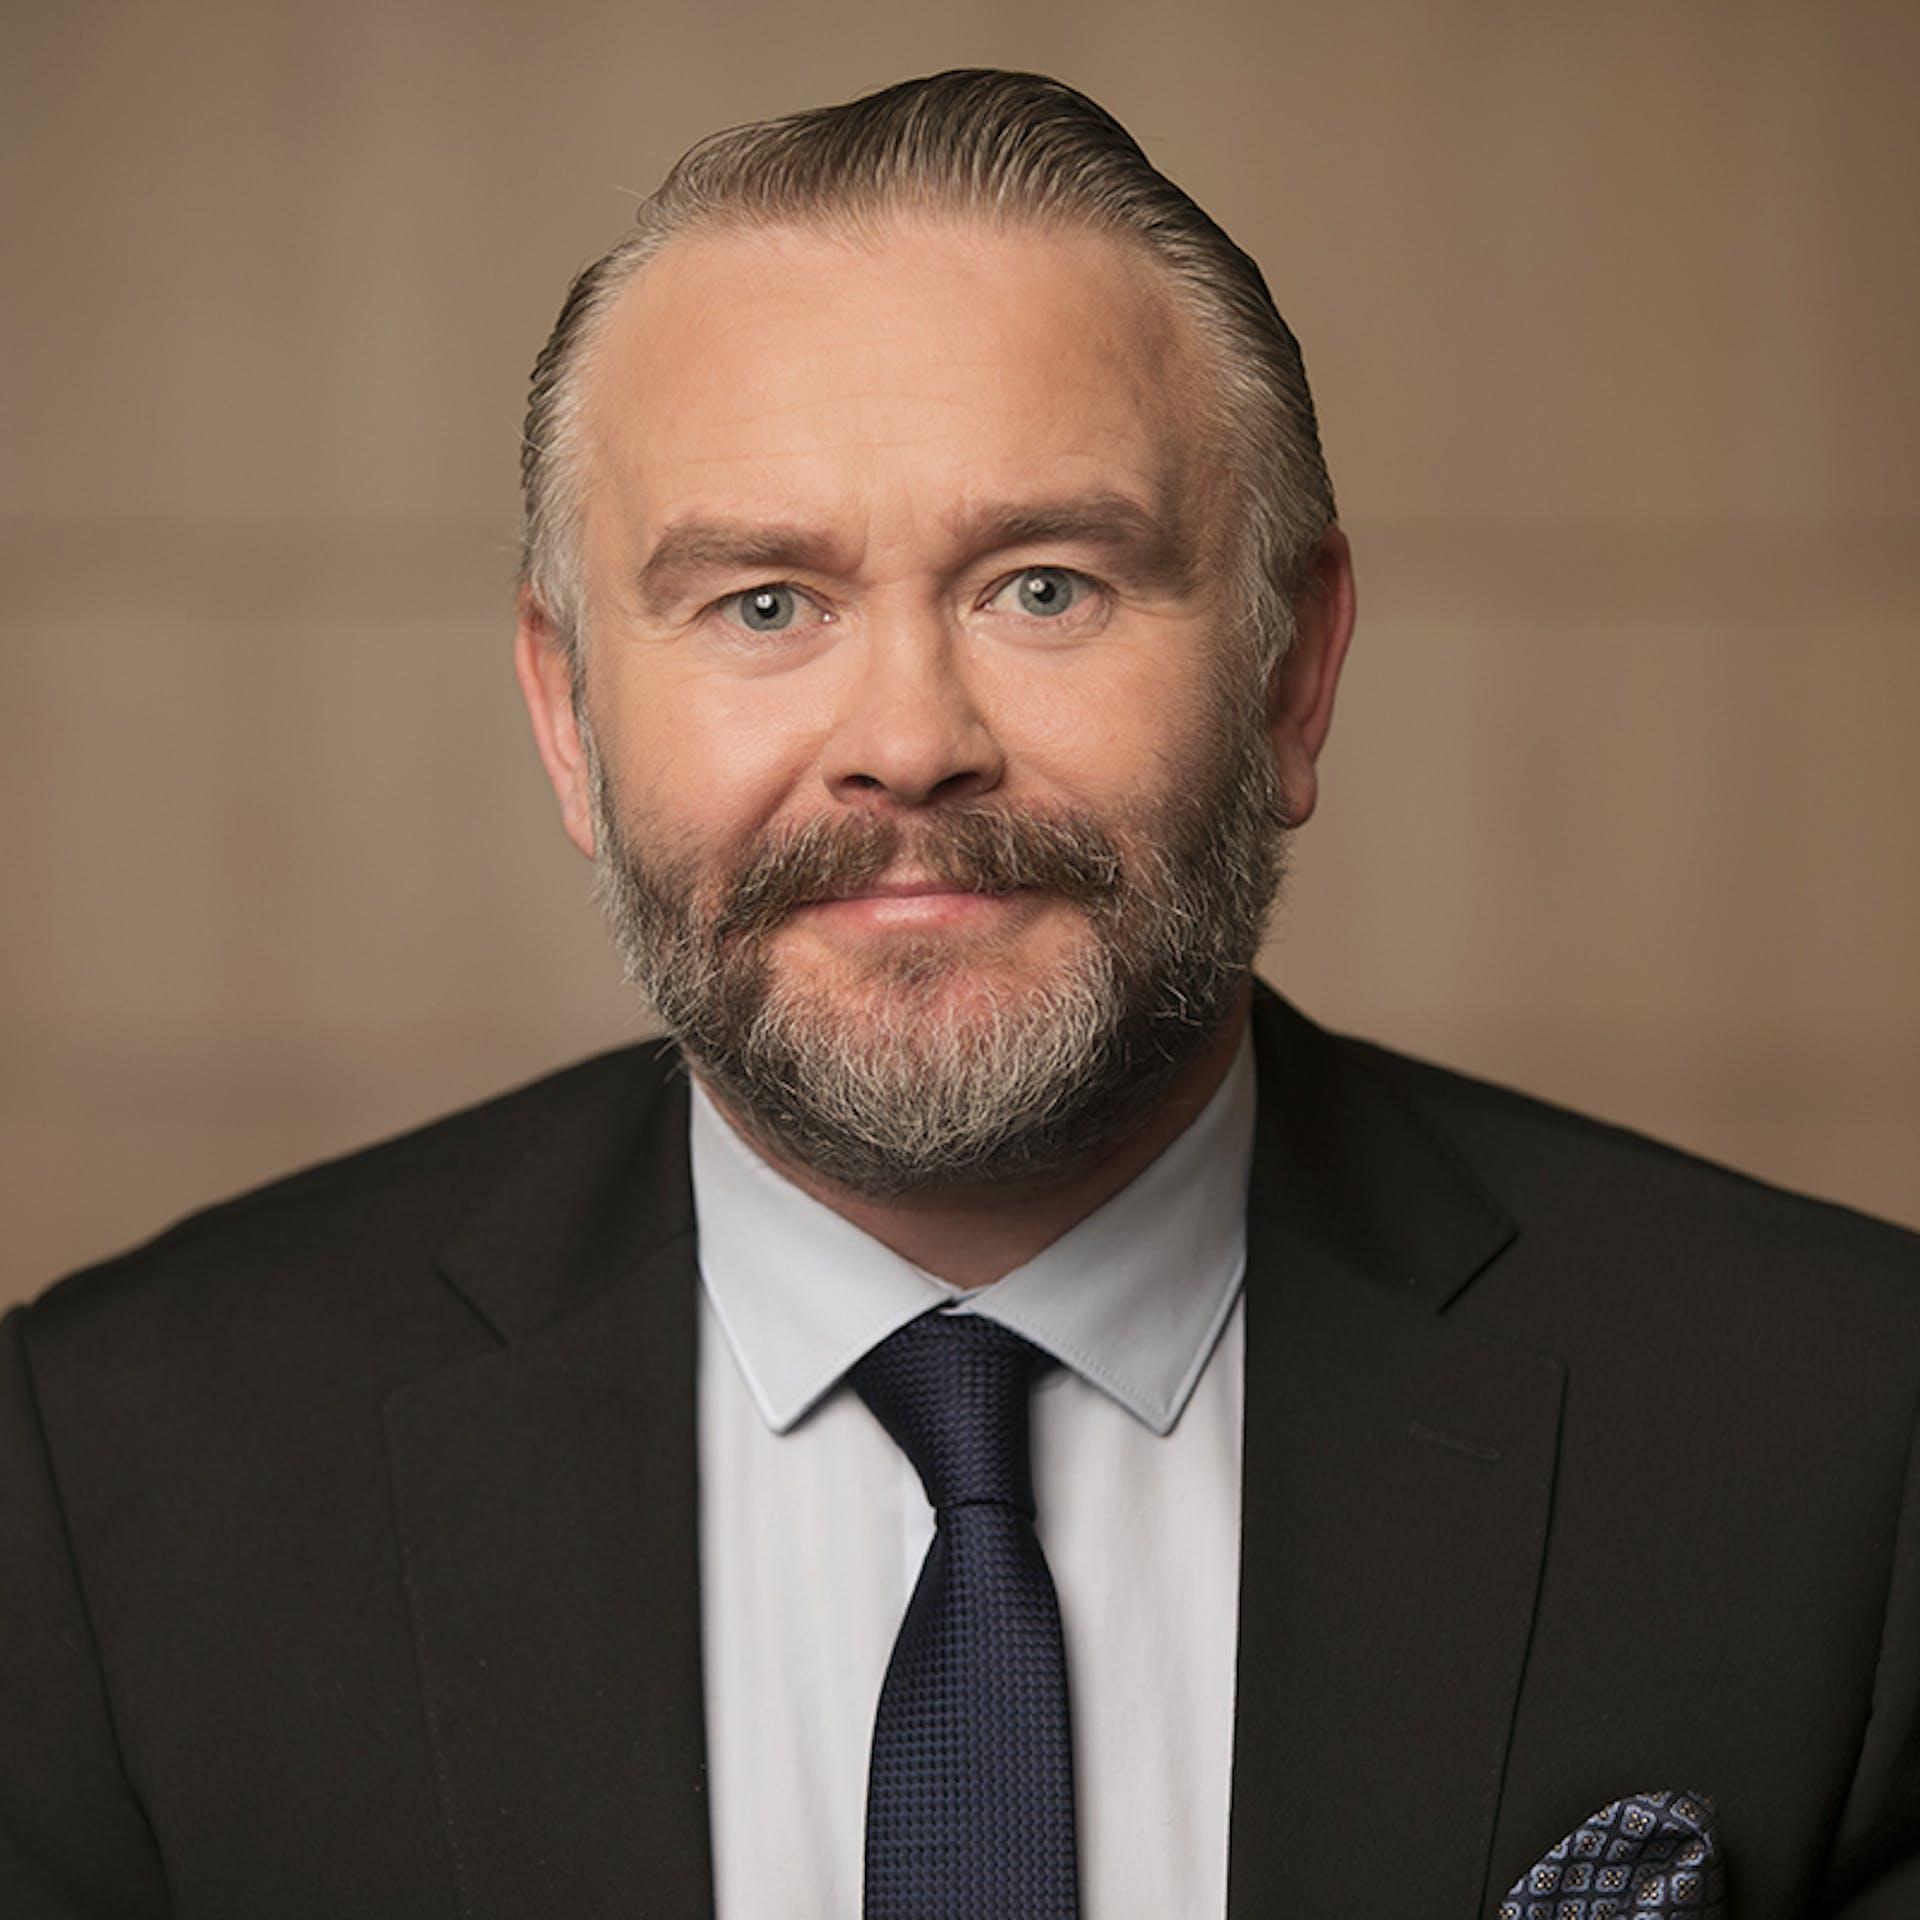 Hörður Sigurjónsson